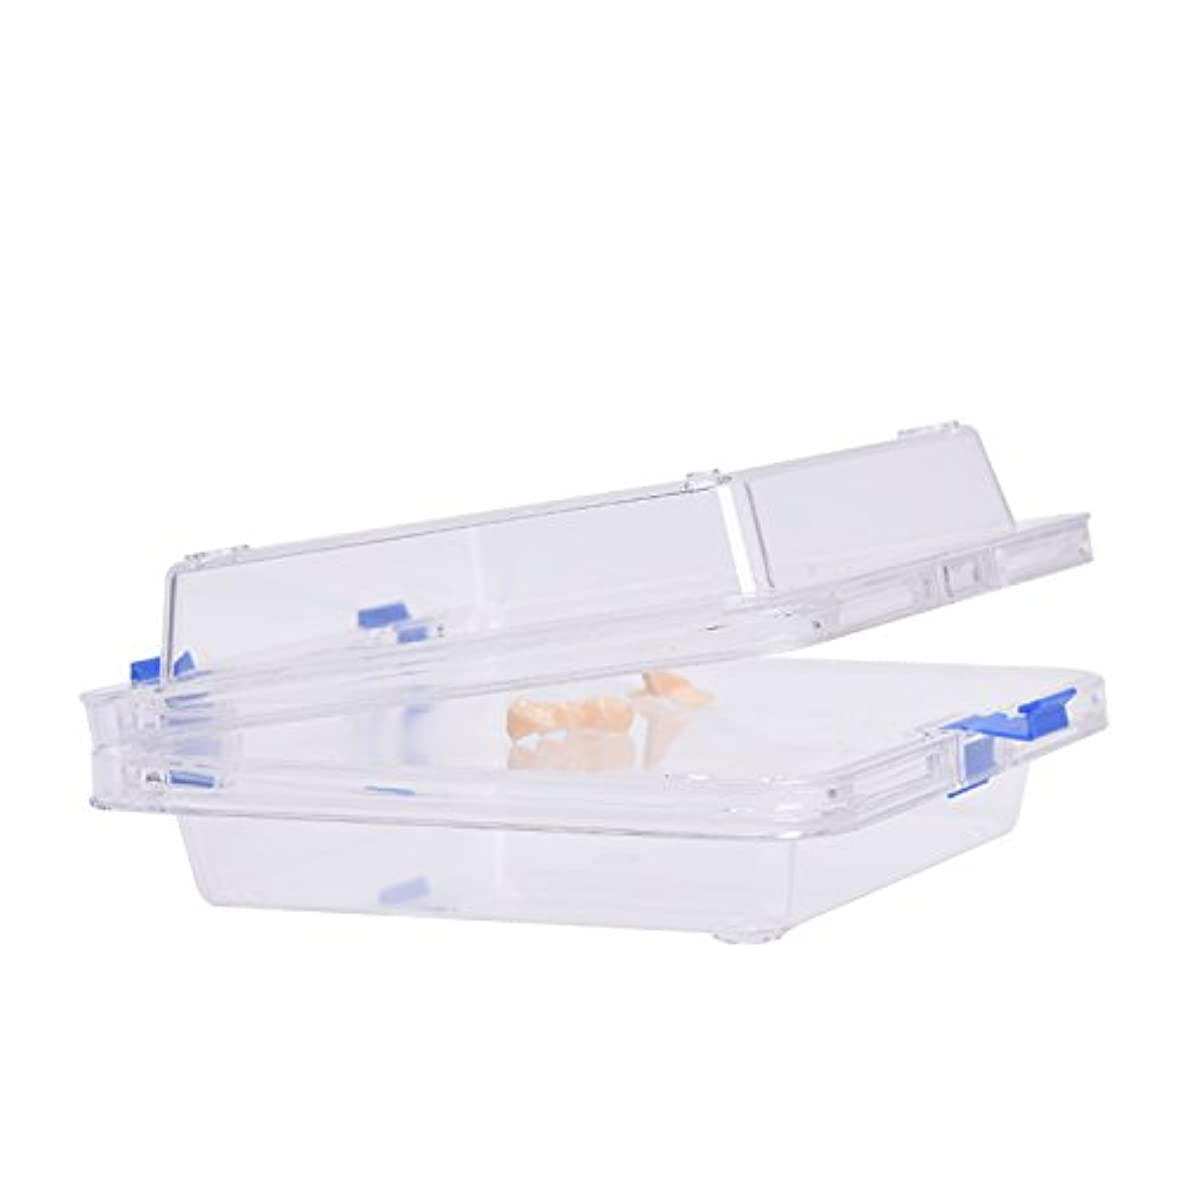 北極圏切り離す関与する入れ歯入れケース防振膜付き サイズ:9.5 * 9.5 * 5cm  義歯ケース Annhua